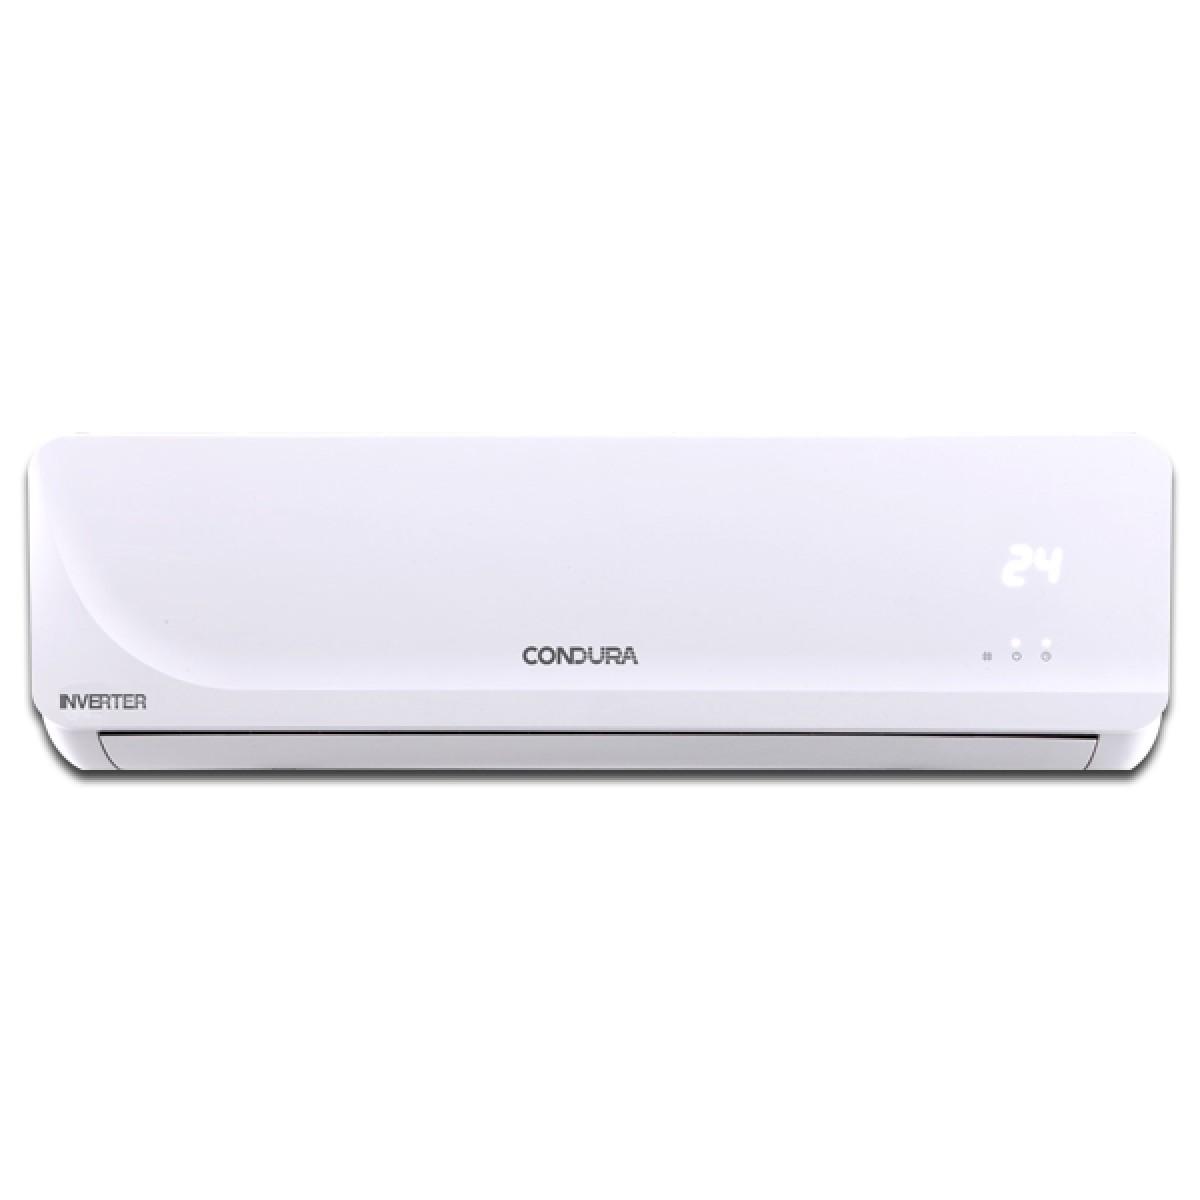 Condura prima max fp 53ksd018 inverter aircon robinsons for 2 5 hp window type aircon